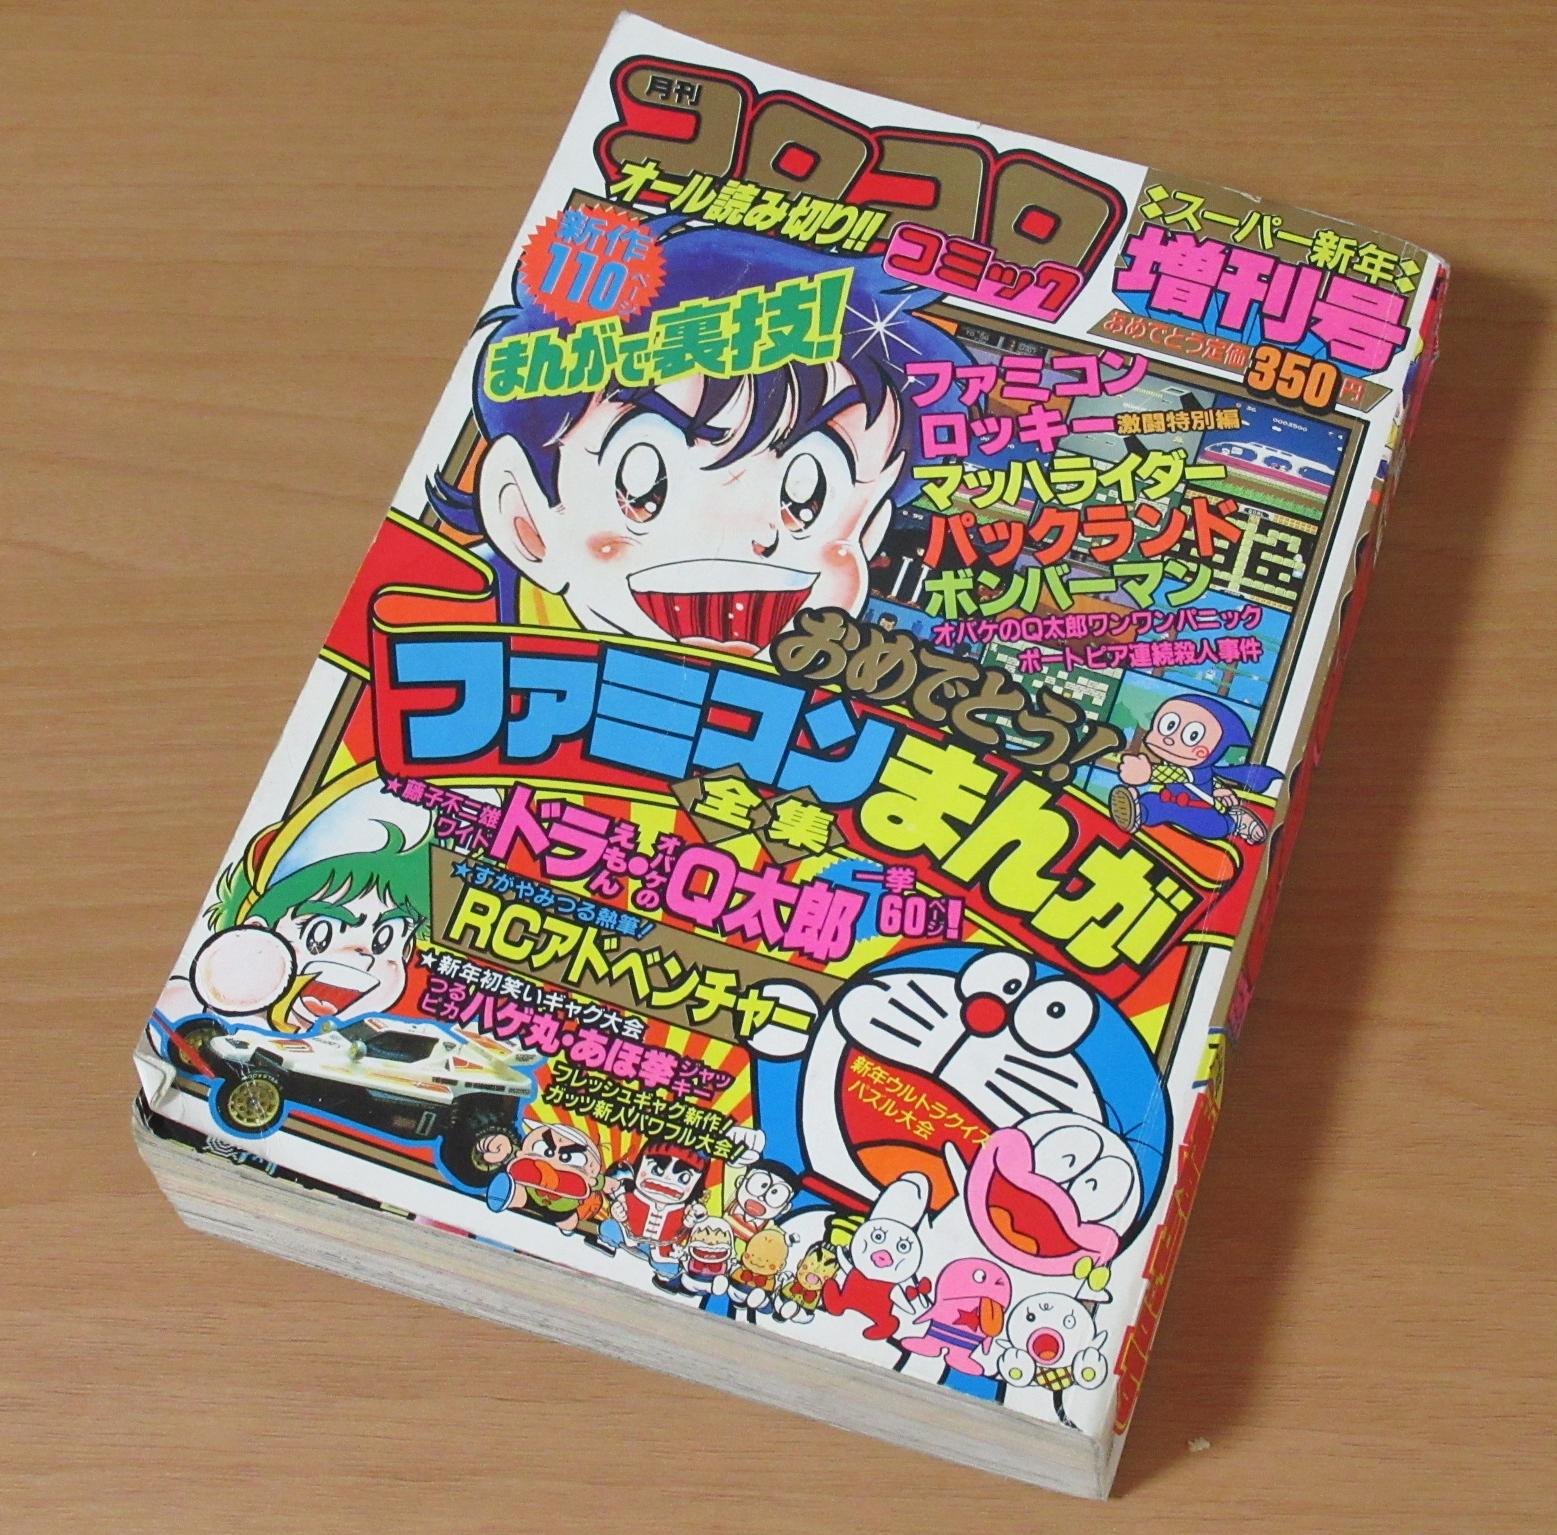 コロコロコミック買取 増刊号 スーパー新年   1986年 昭和61年